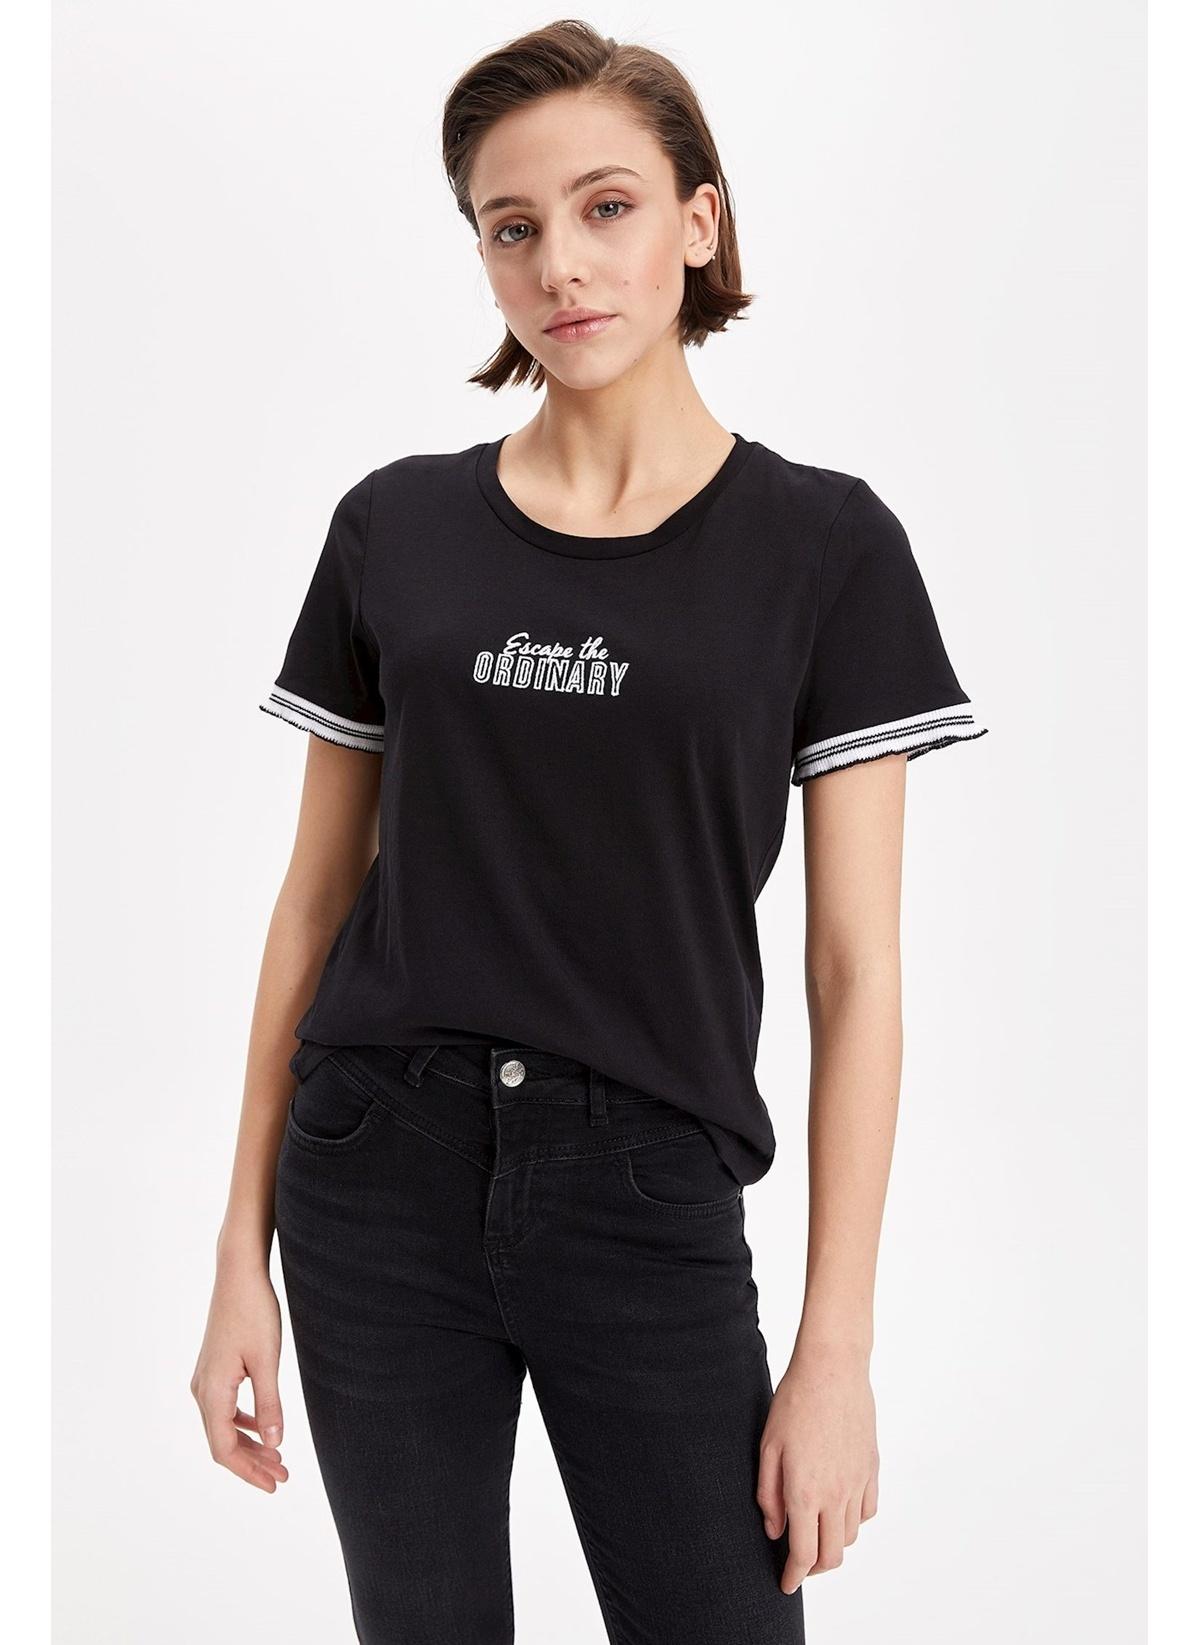 Defacto Tişört L0613az19spbk27t-shirt – 29.99 TL